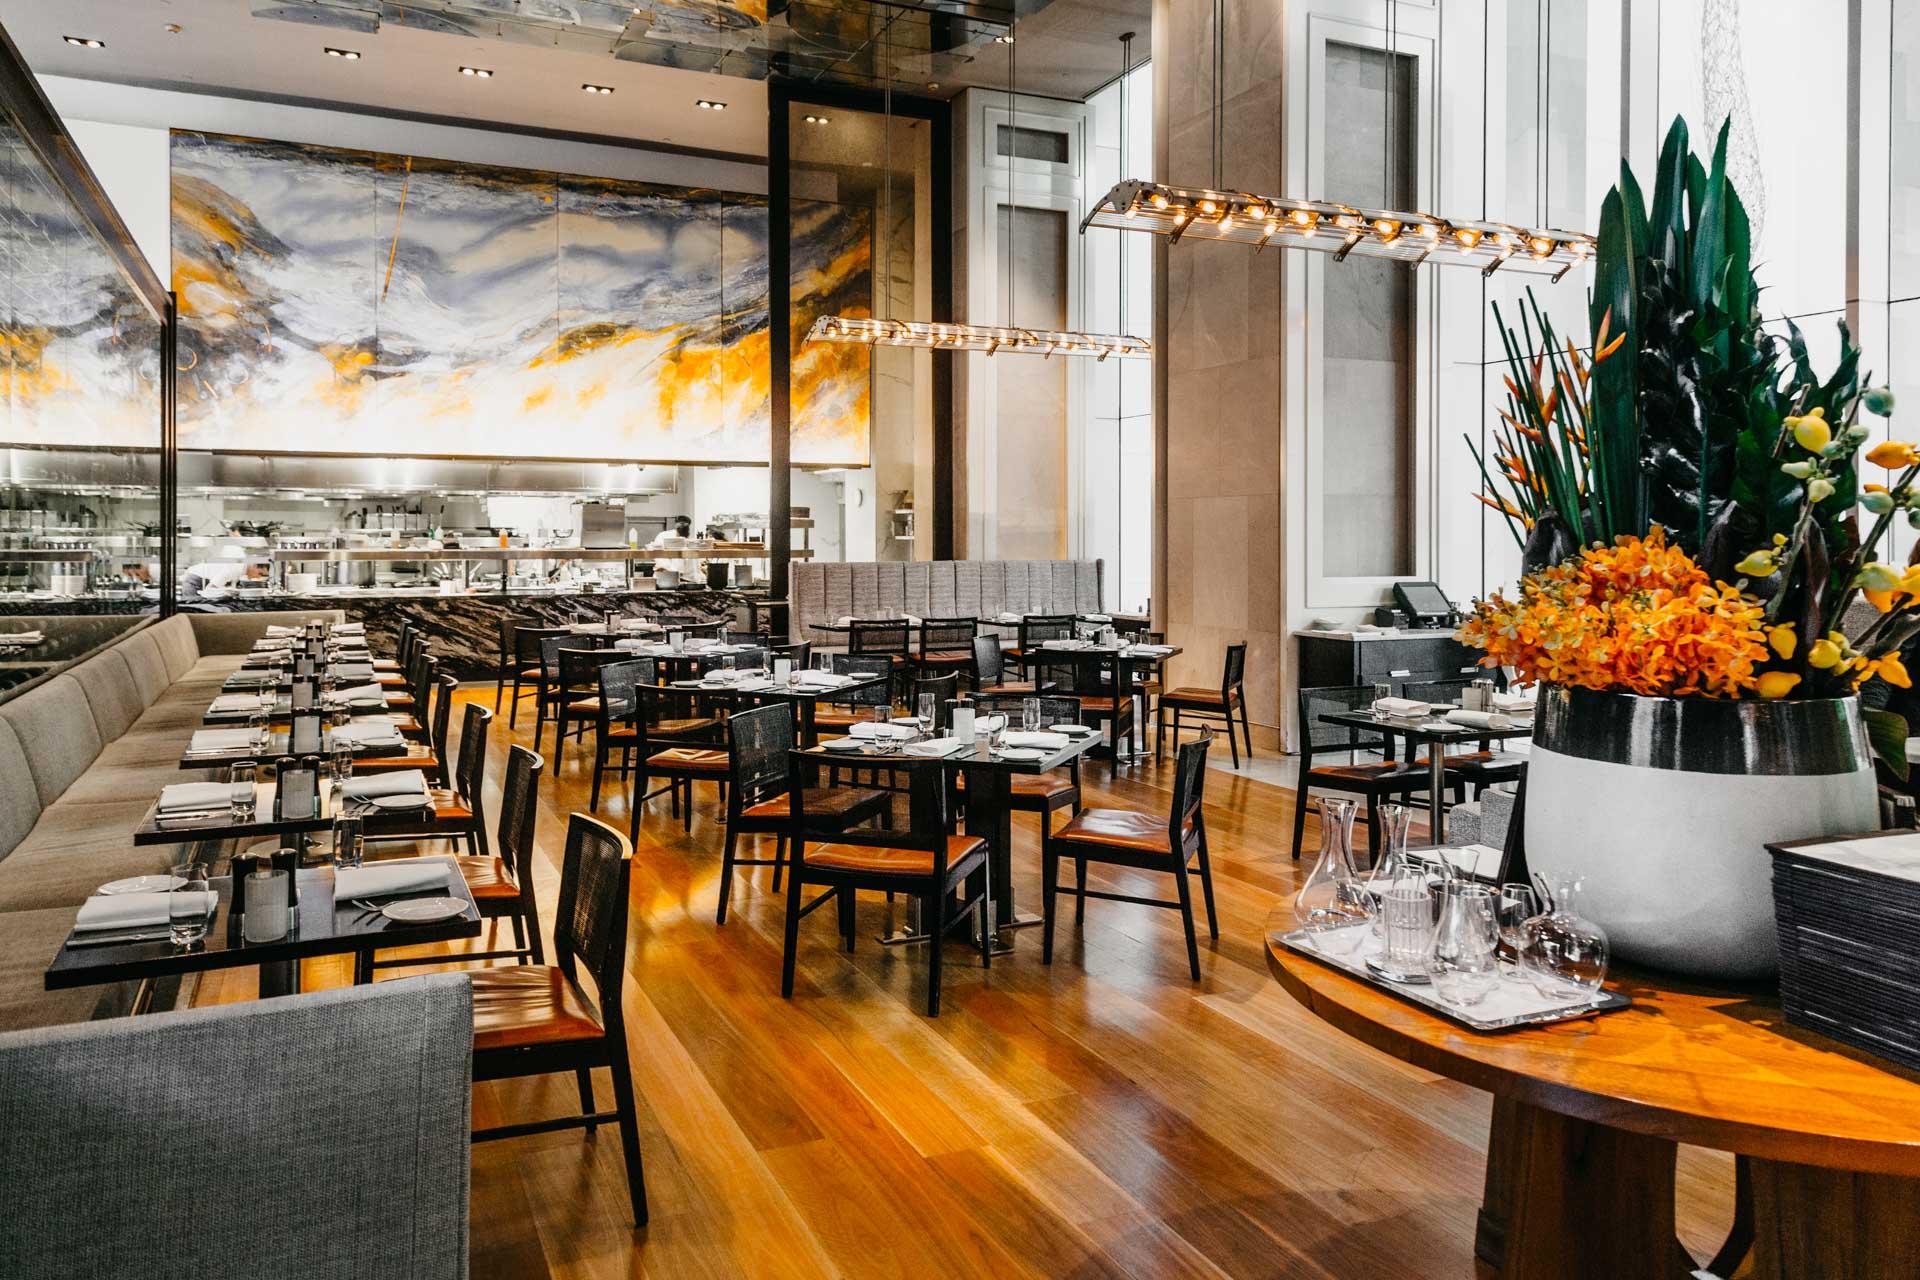 glass - restaurant interior - 2018 (lowres)-10.jpg